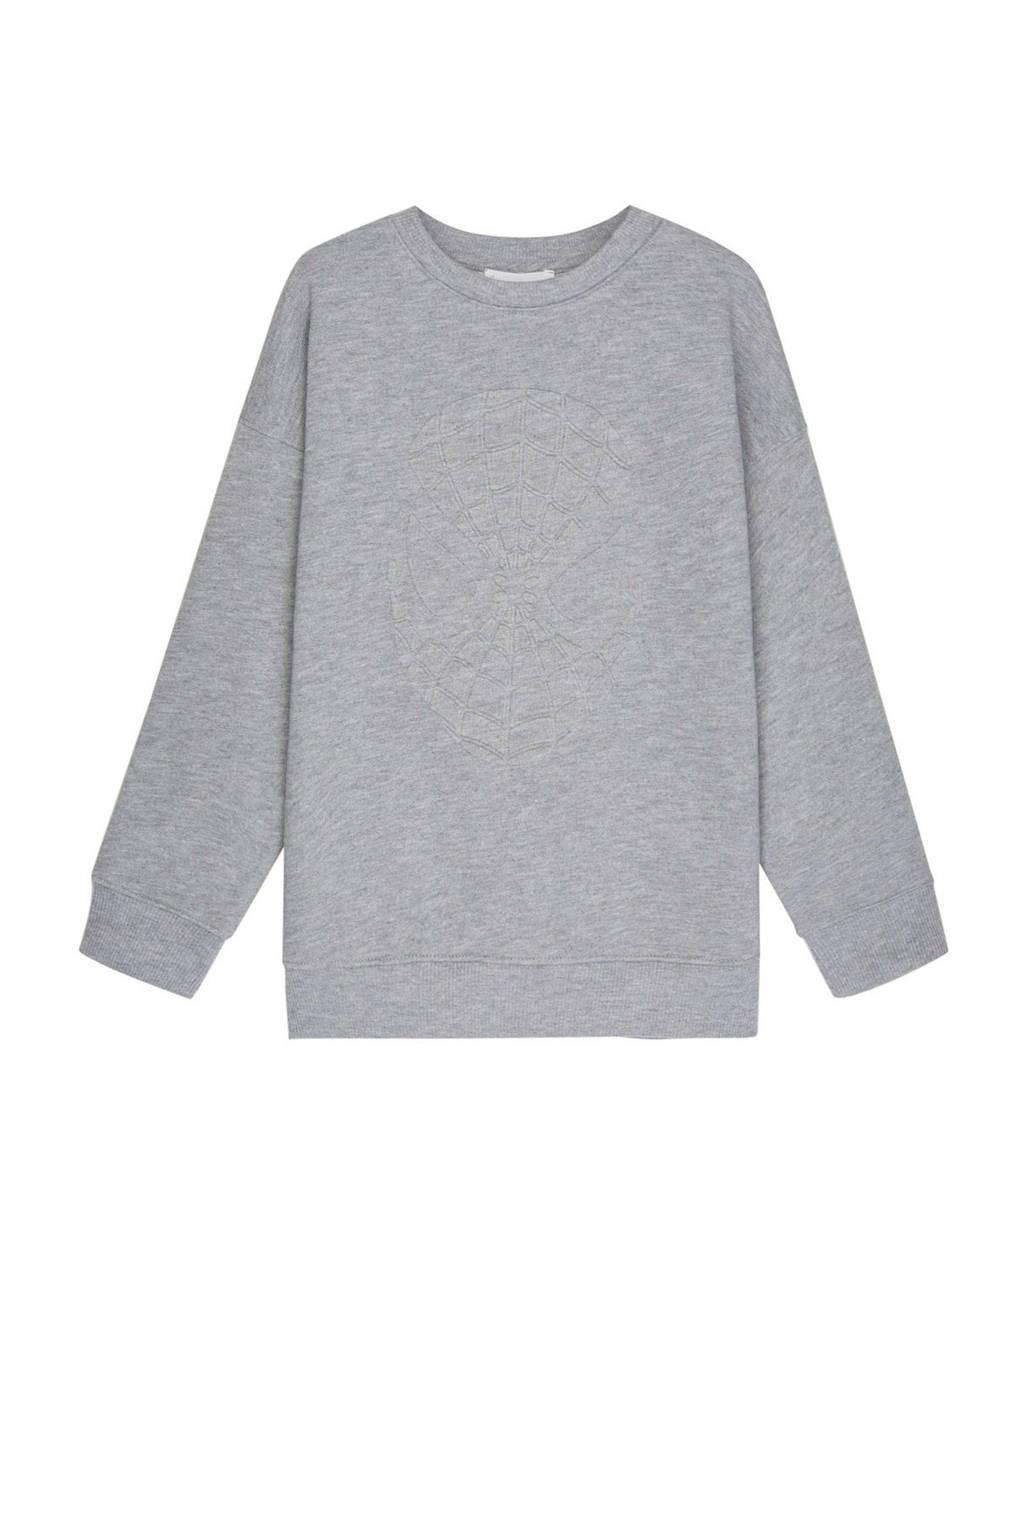 Mango Kids Spider-Man sweater met 3D applicatie grijs, Grijs